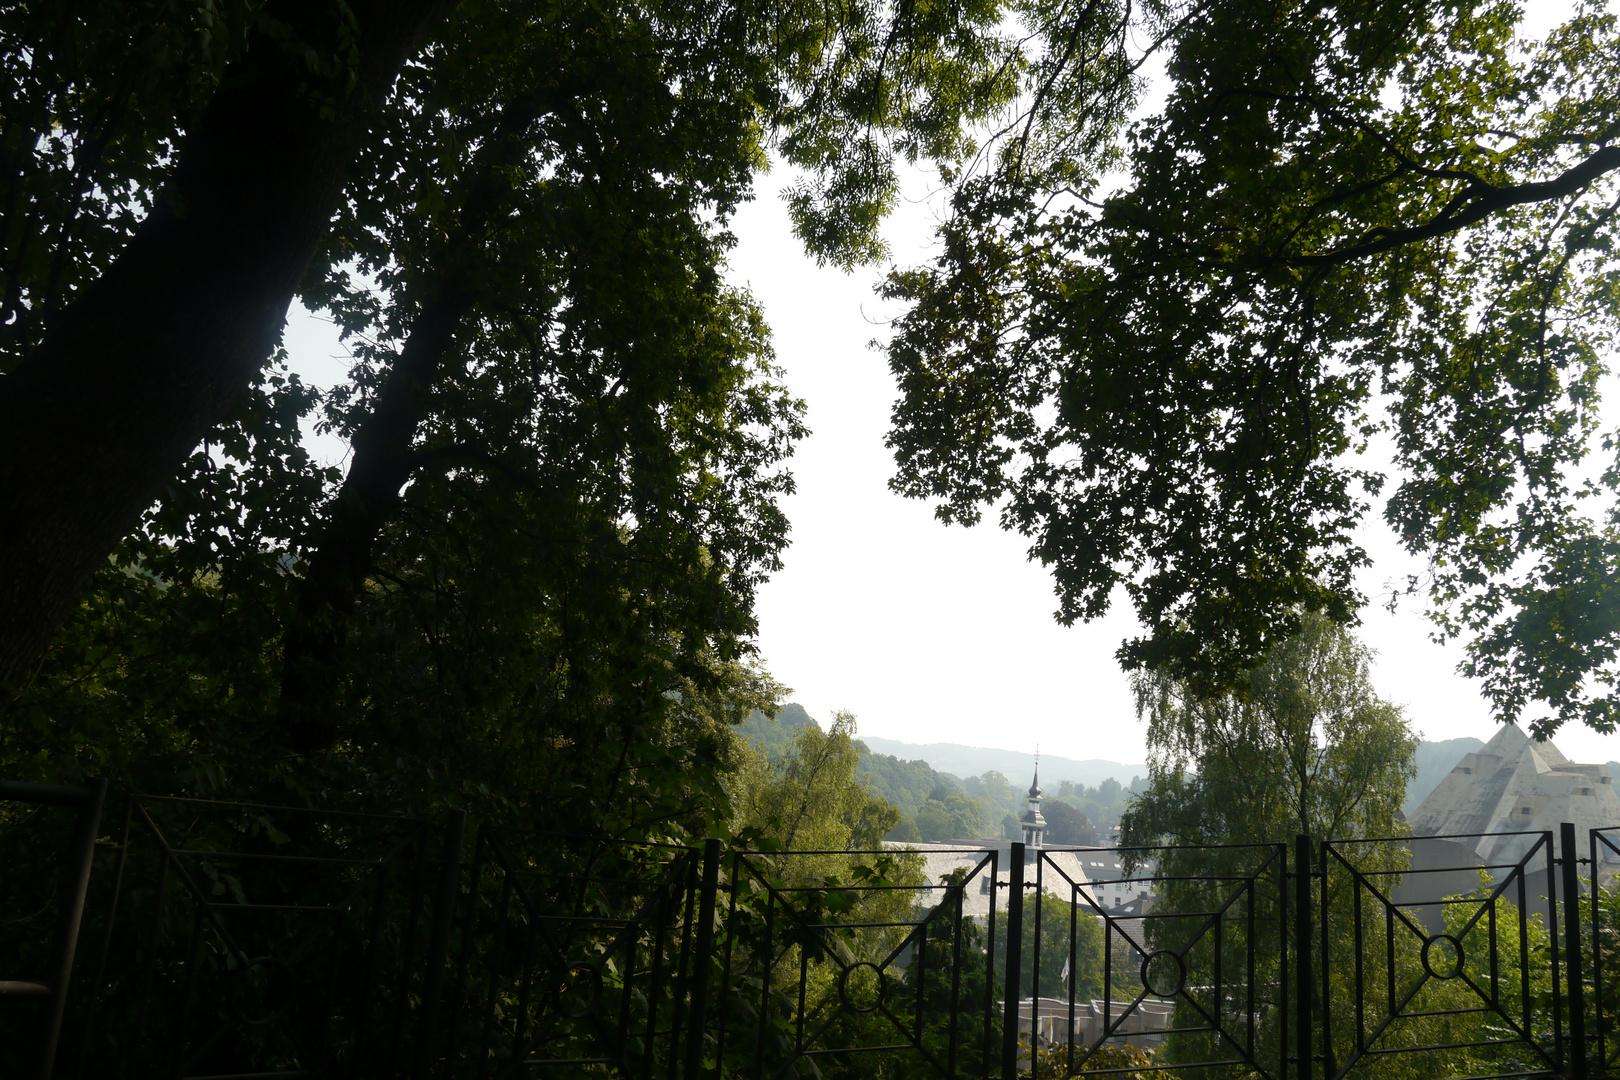 Vom Kreuzberg zwischen den Bäumen sind beide Kirchen zu sehen: